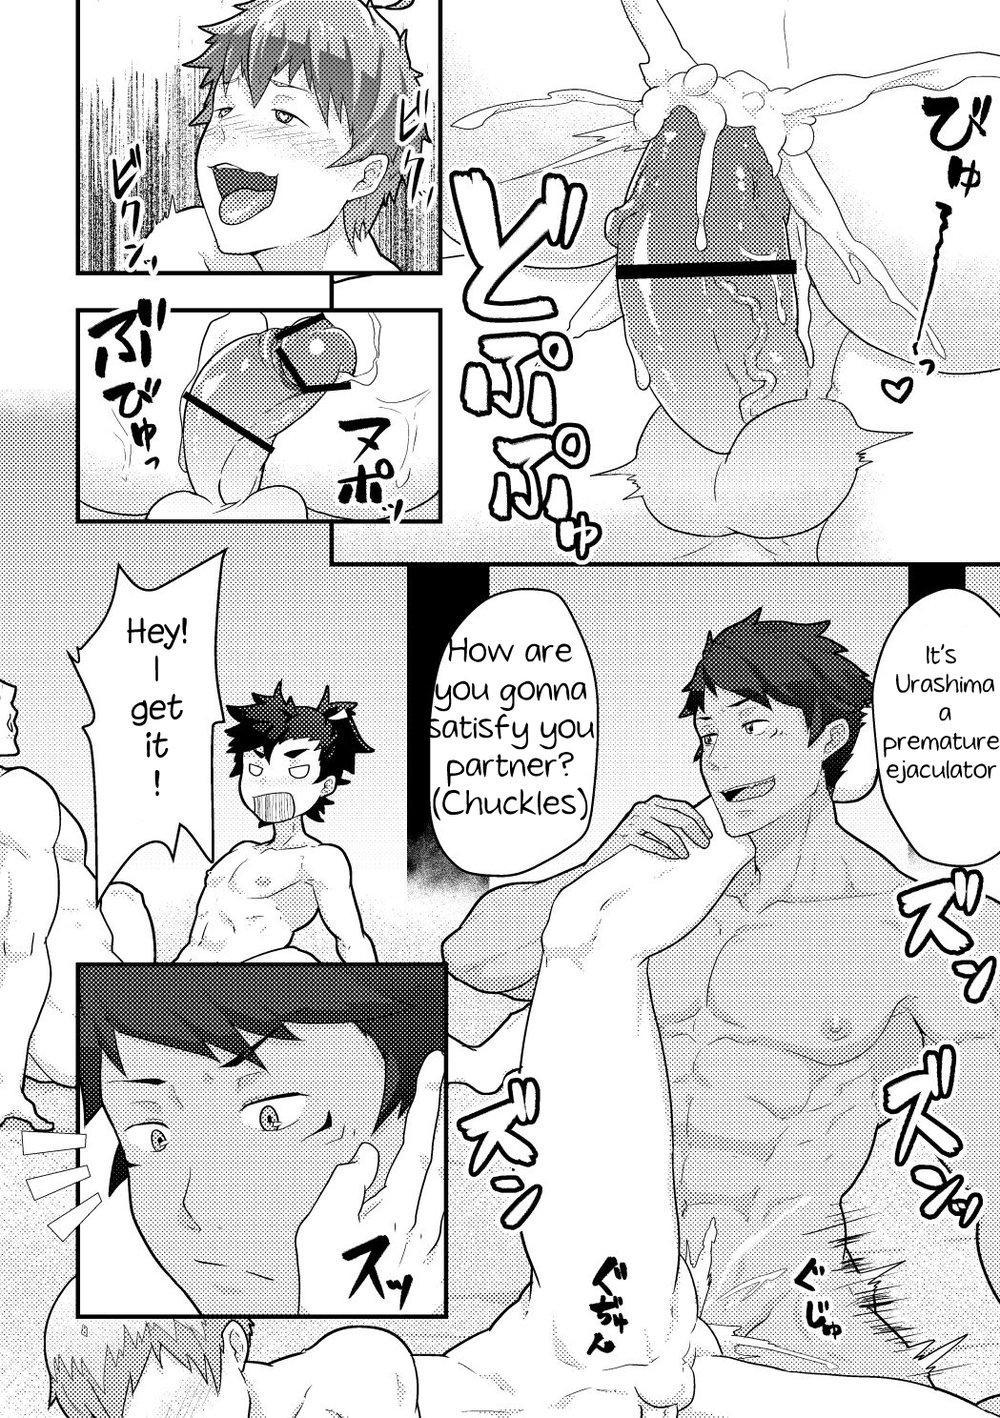 Urashimatarou 16